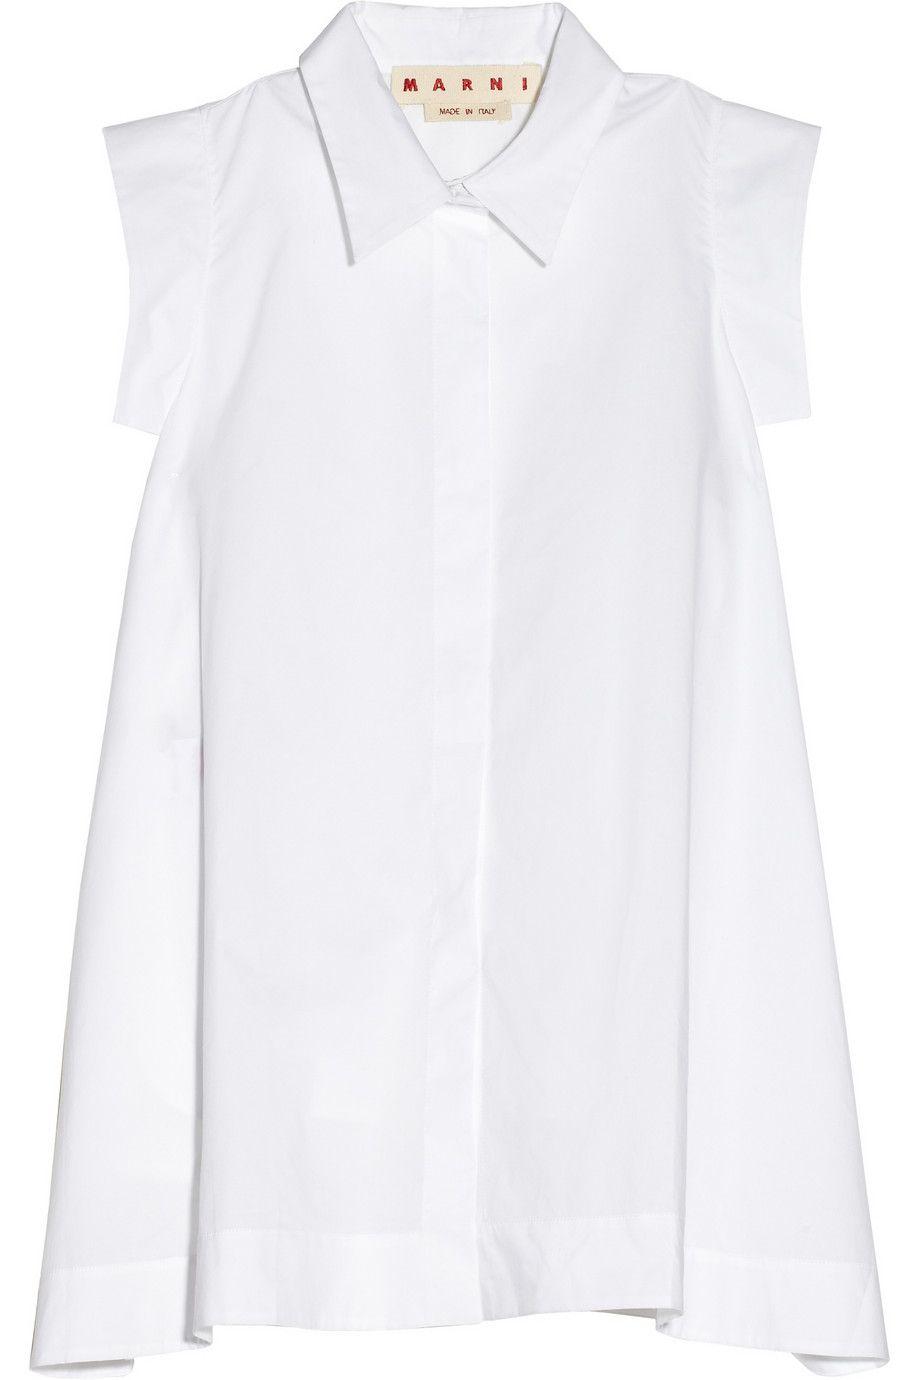 Marni - Cotton-poplin A-line shirt